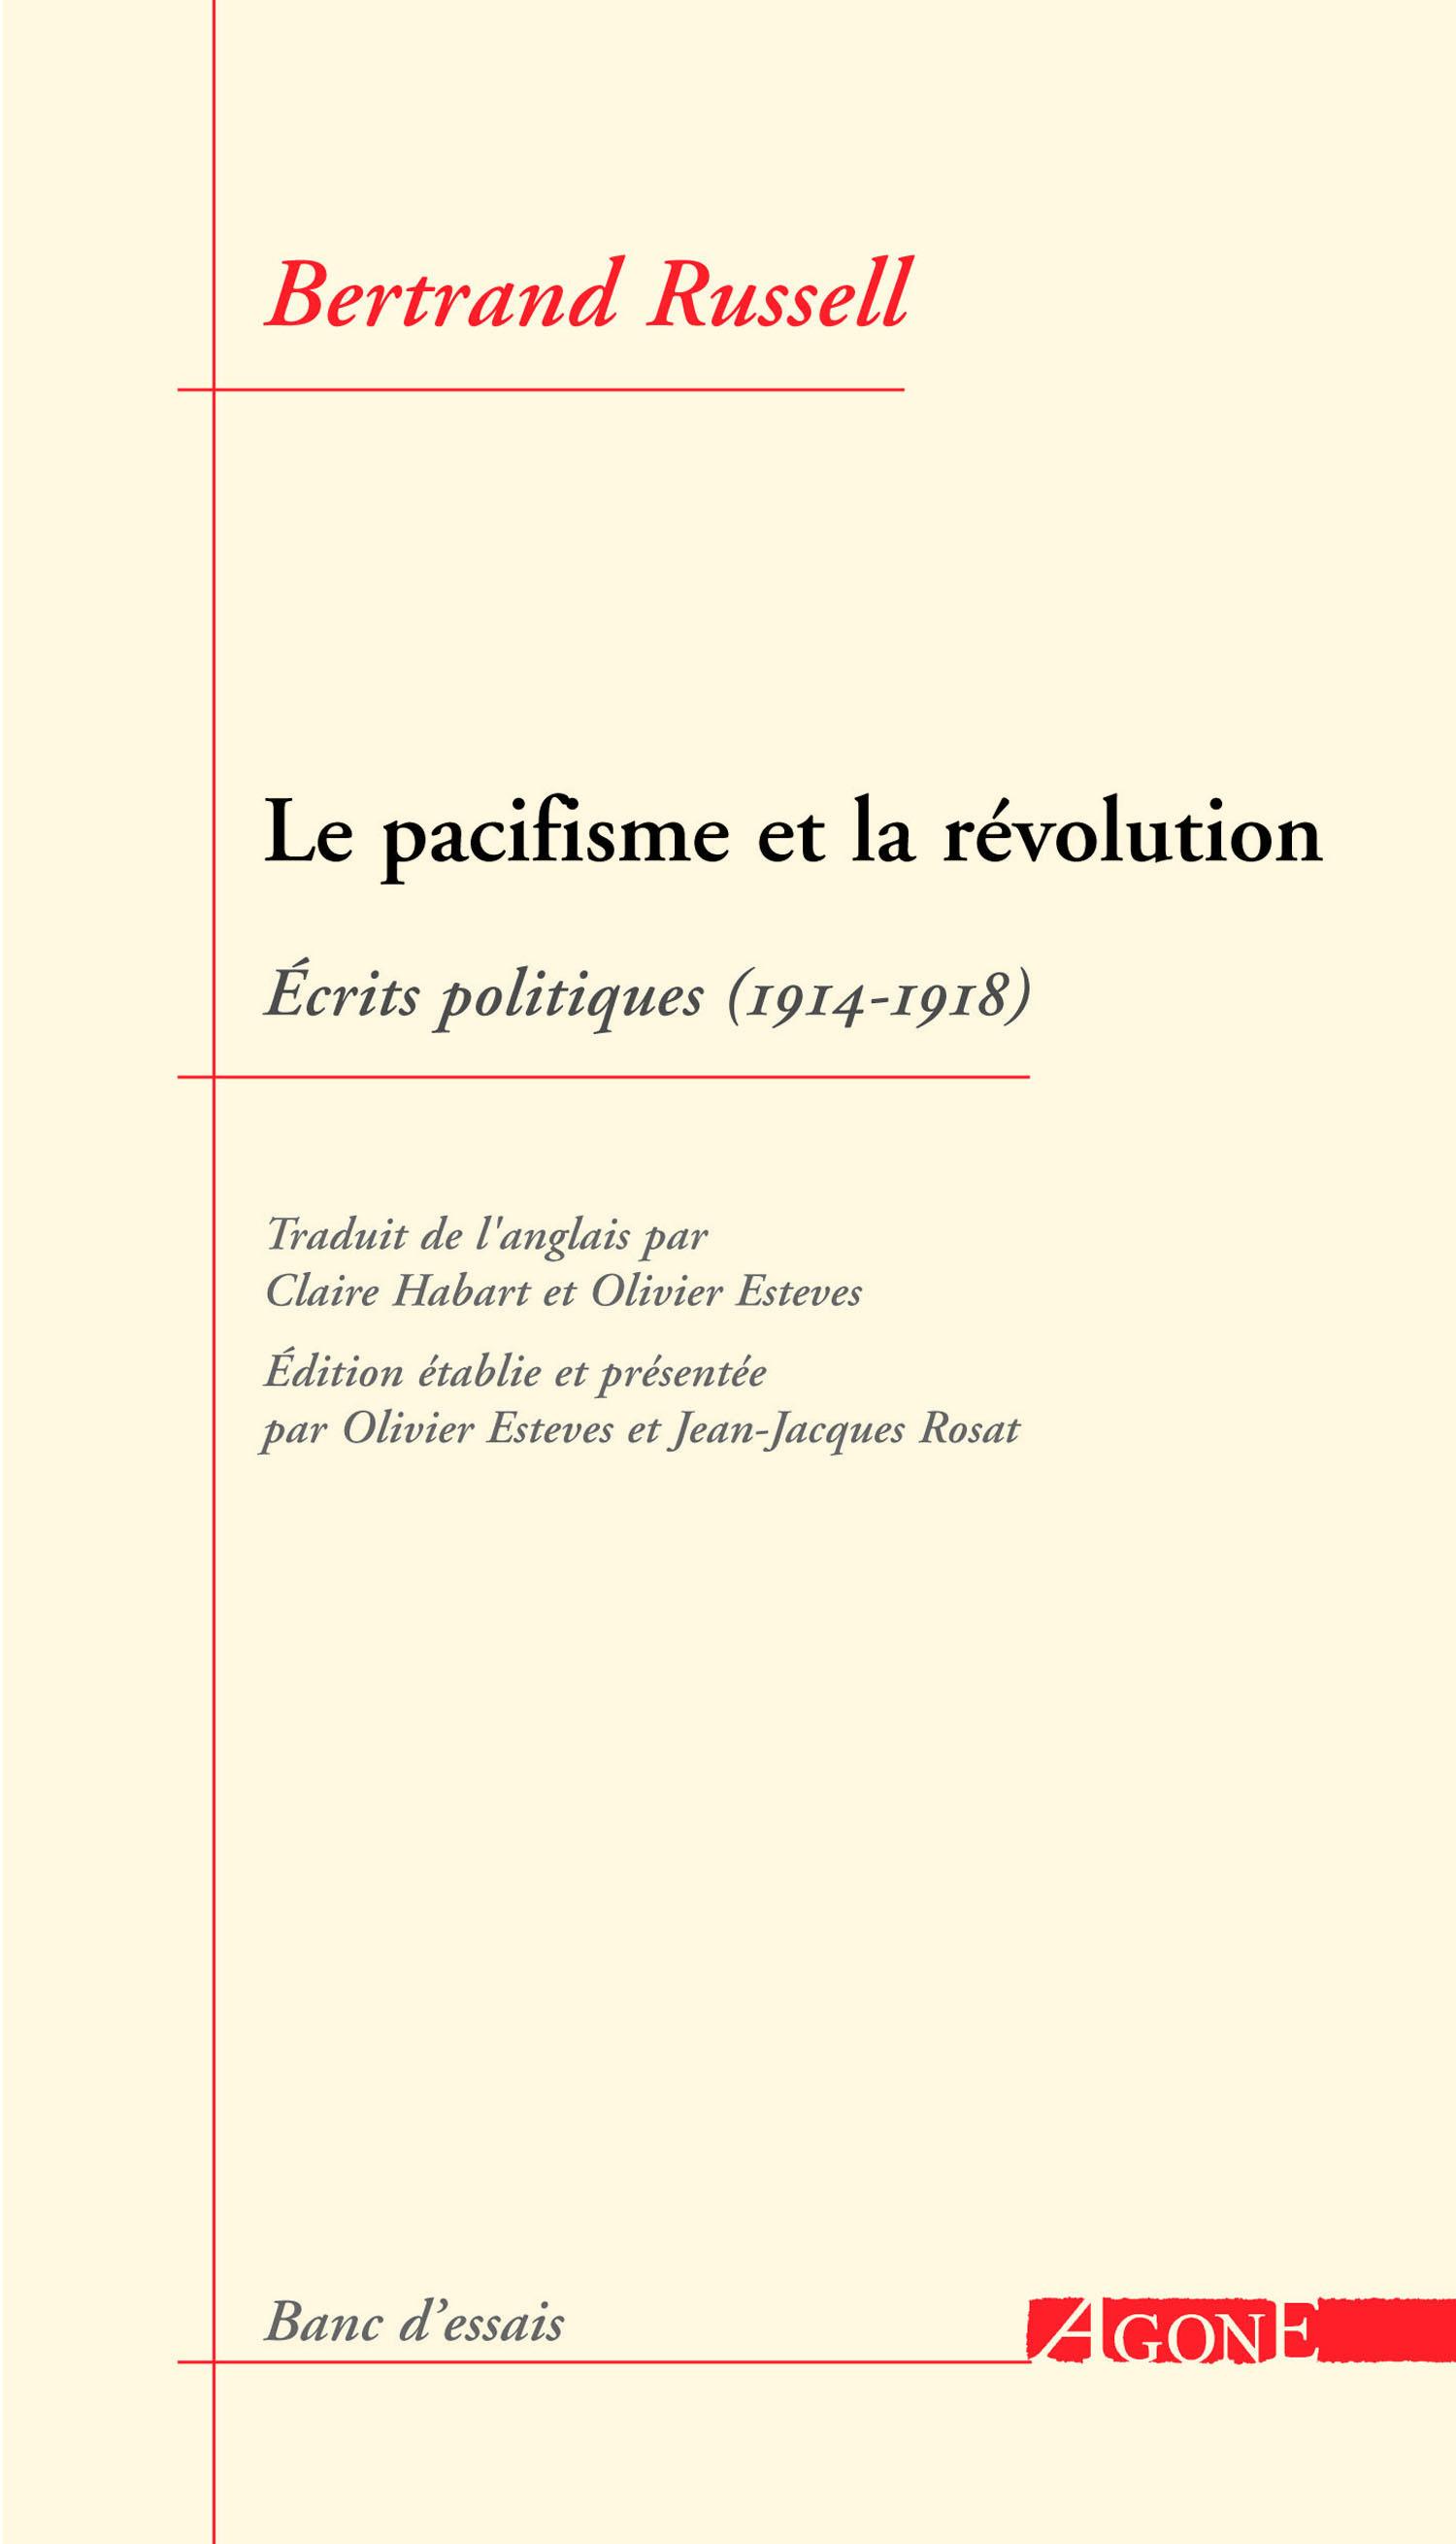 le pacifisme et la révolution ; écrits politiques (1914-1918)